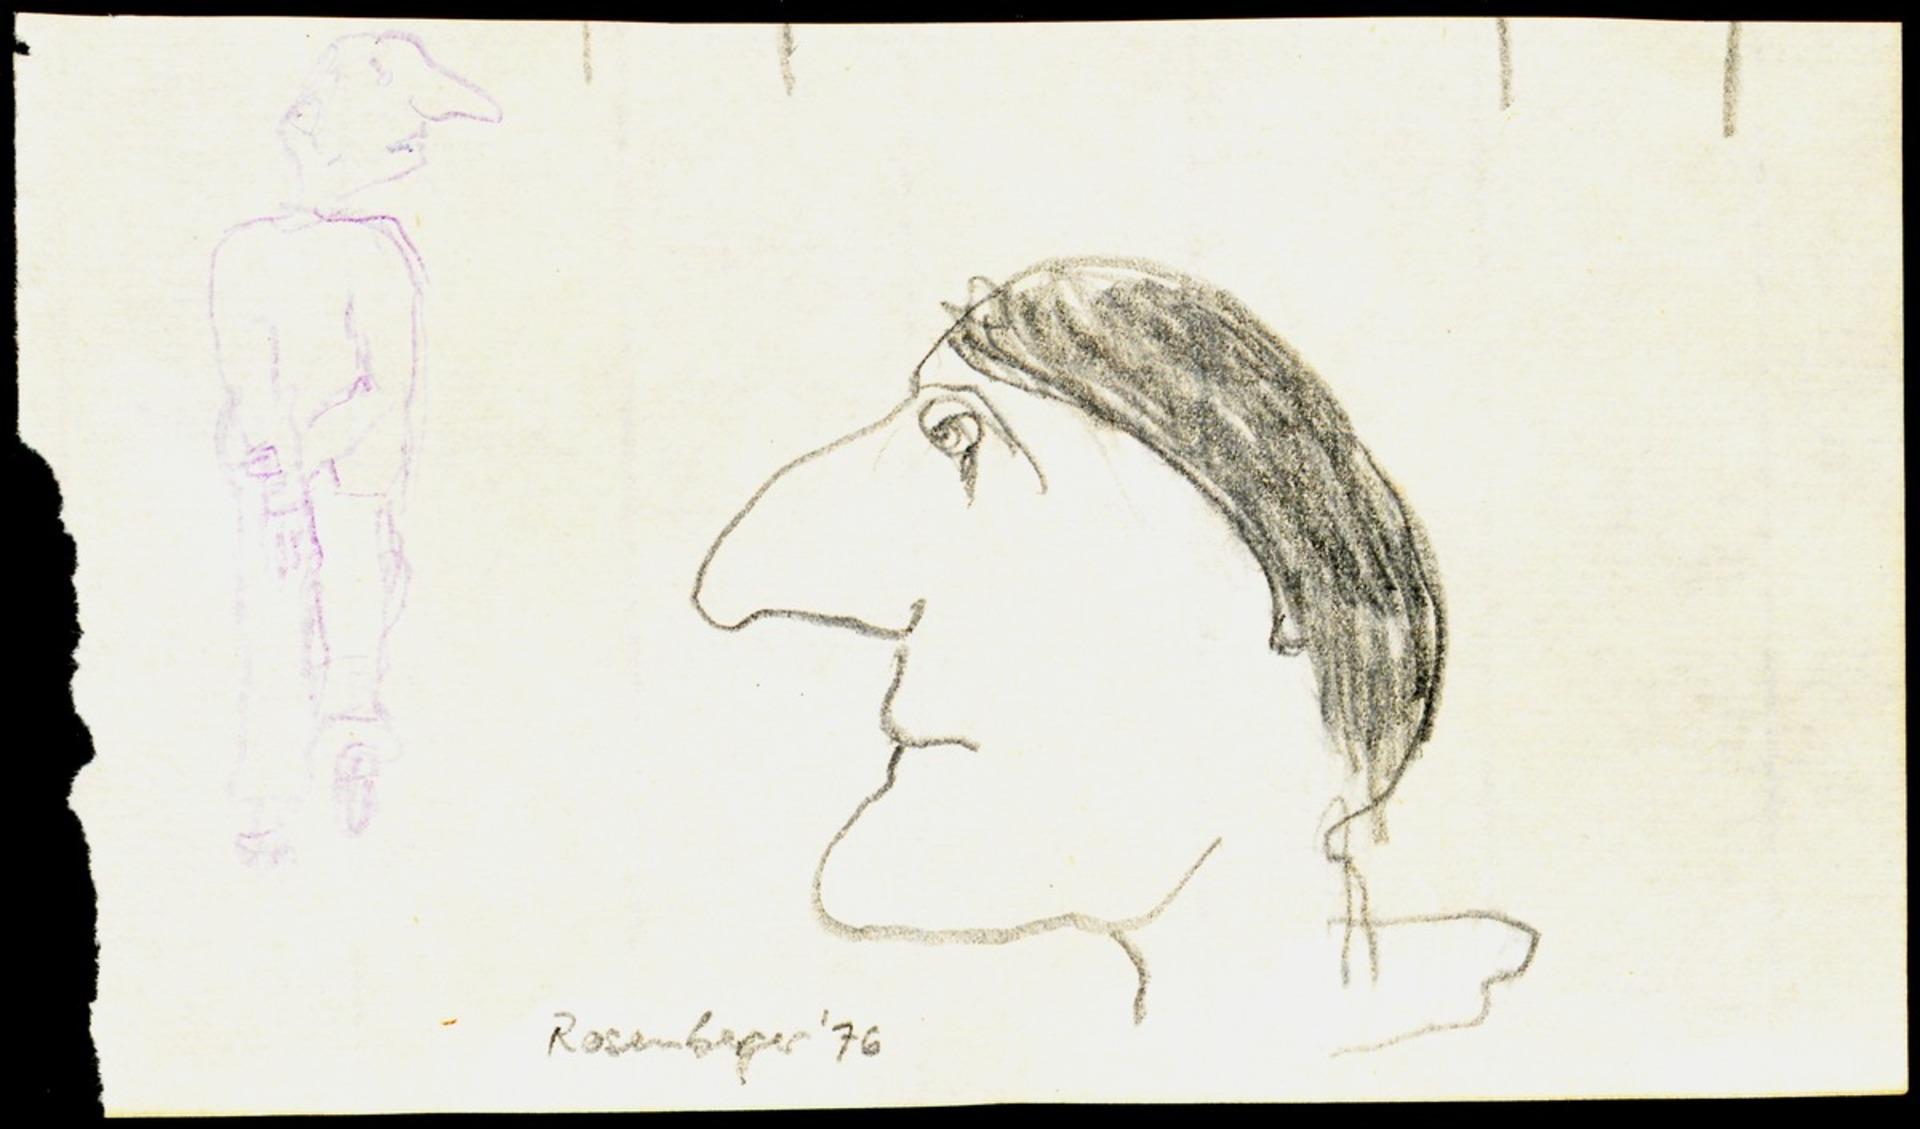 Von Marcel Marceau zur Pantomime inspiriert